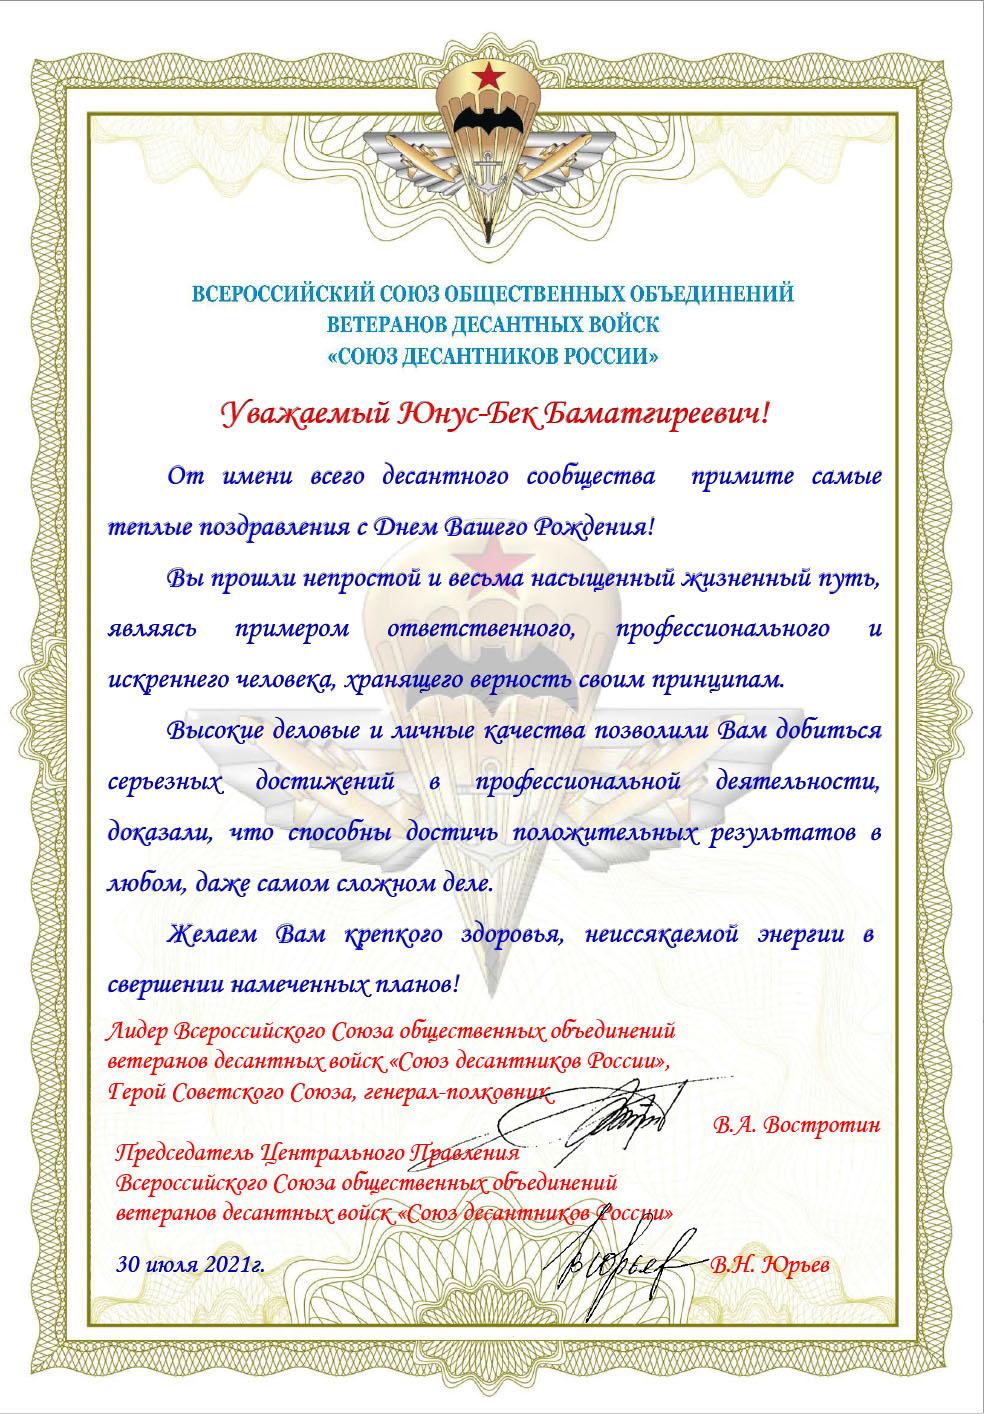 ПОЗДРАВЛЯЕМ С ДНЕМ РОЖДЕНИЯ ЗАМЕСТИТЕЛЯ МИНИСТРА ОБОРОНЫ ГЕРОЯ РОССИЙСКОЙ ФЕДЕРАЦИИ генерал-лейтенанта ЕВКУРОВА ЮНУС-БЕКА БАМАТГИРЕЕВИЧА!